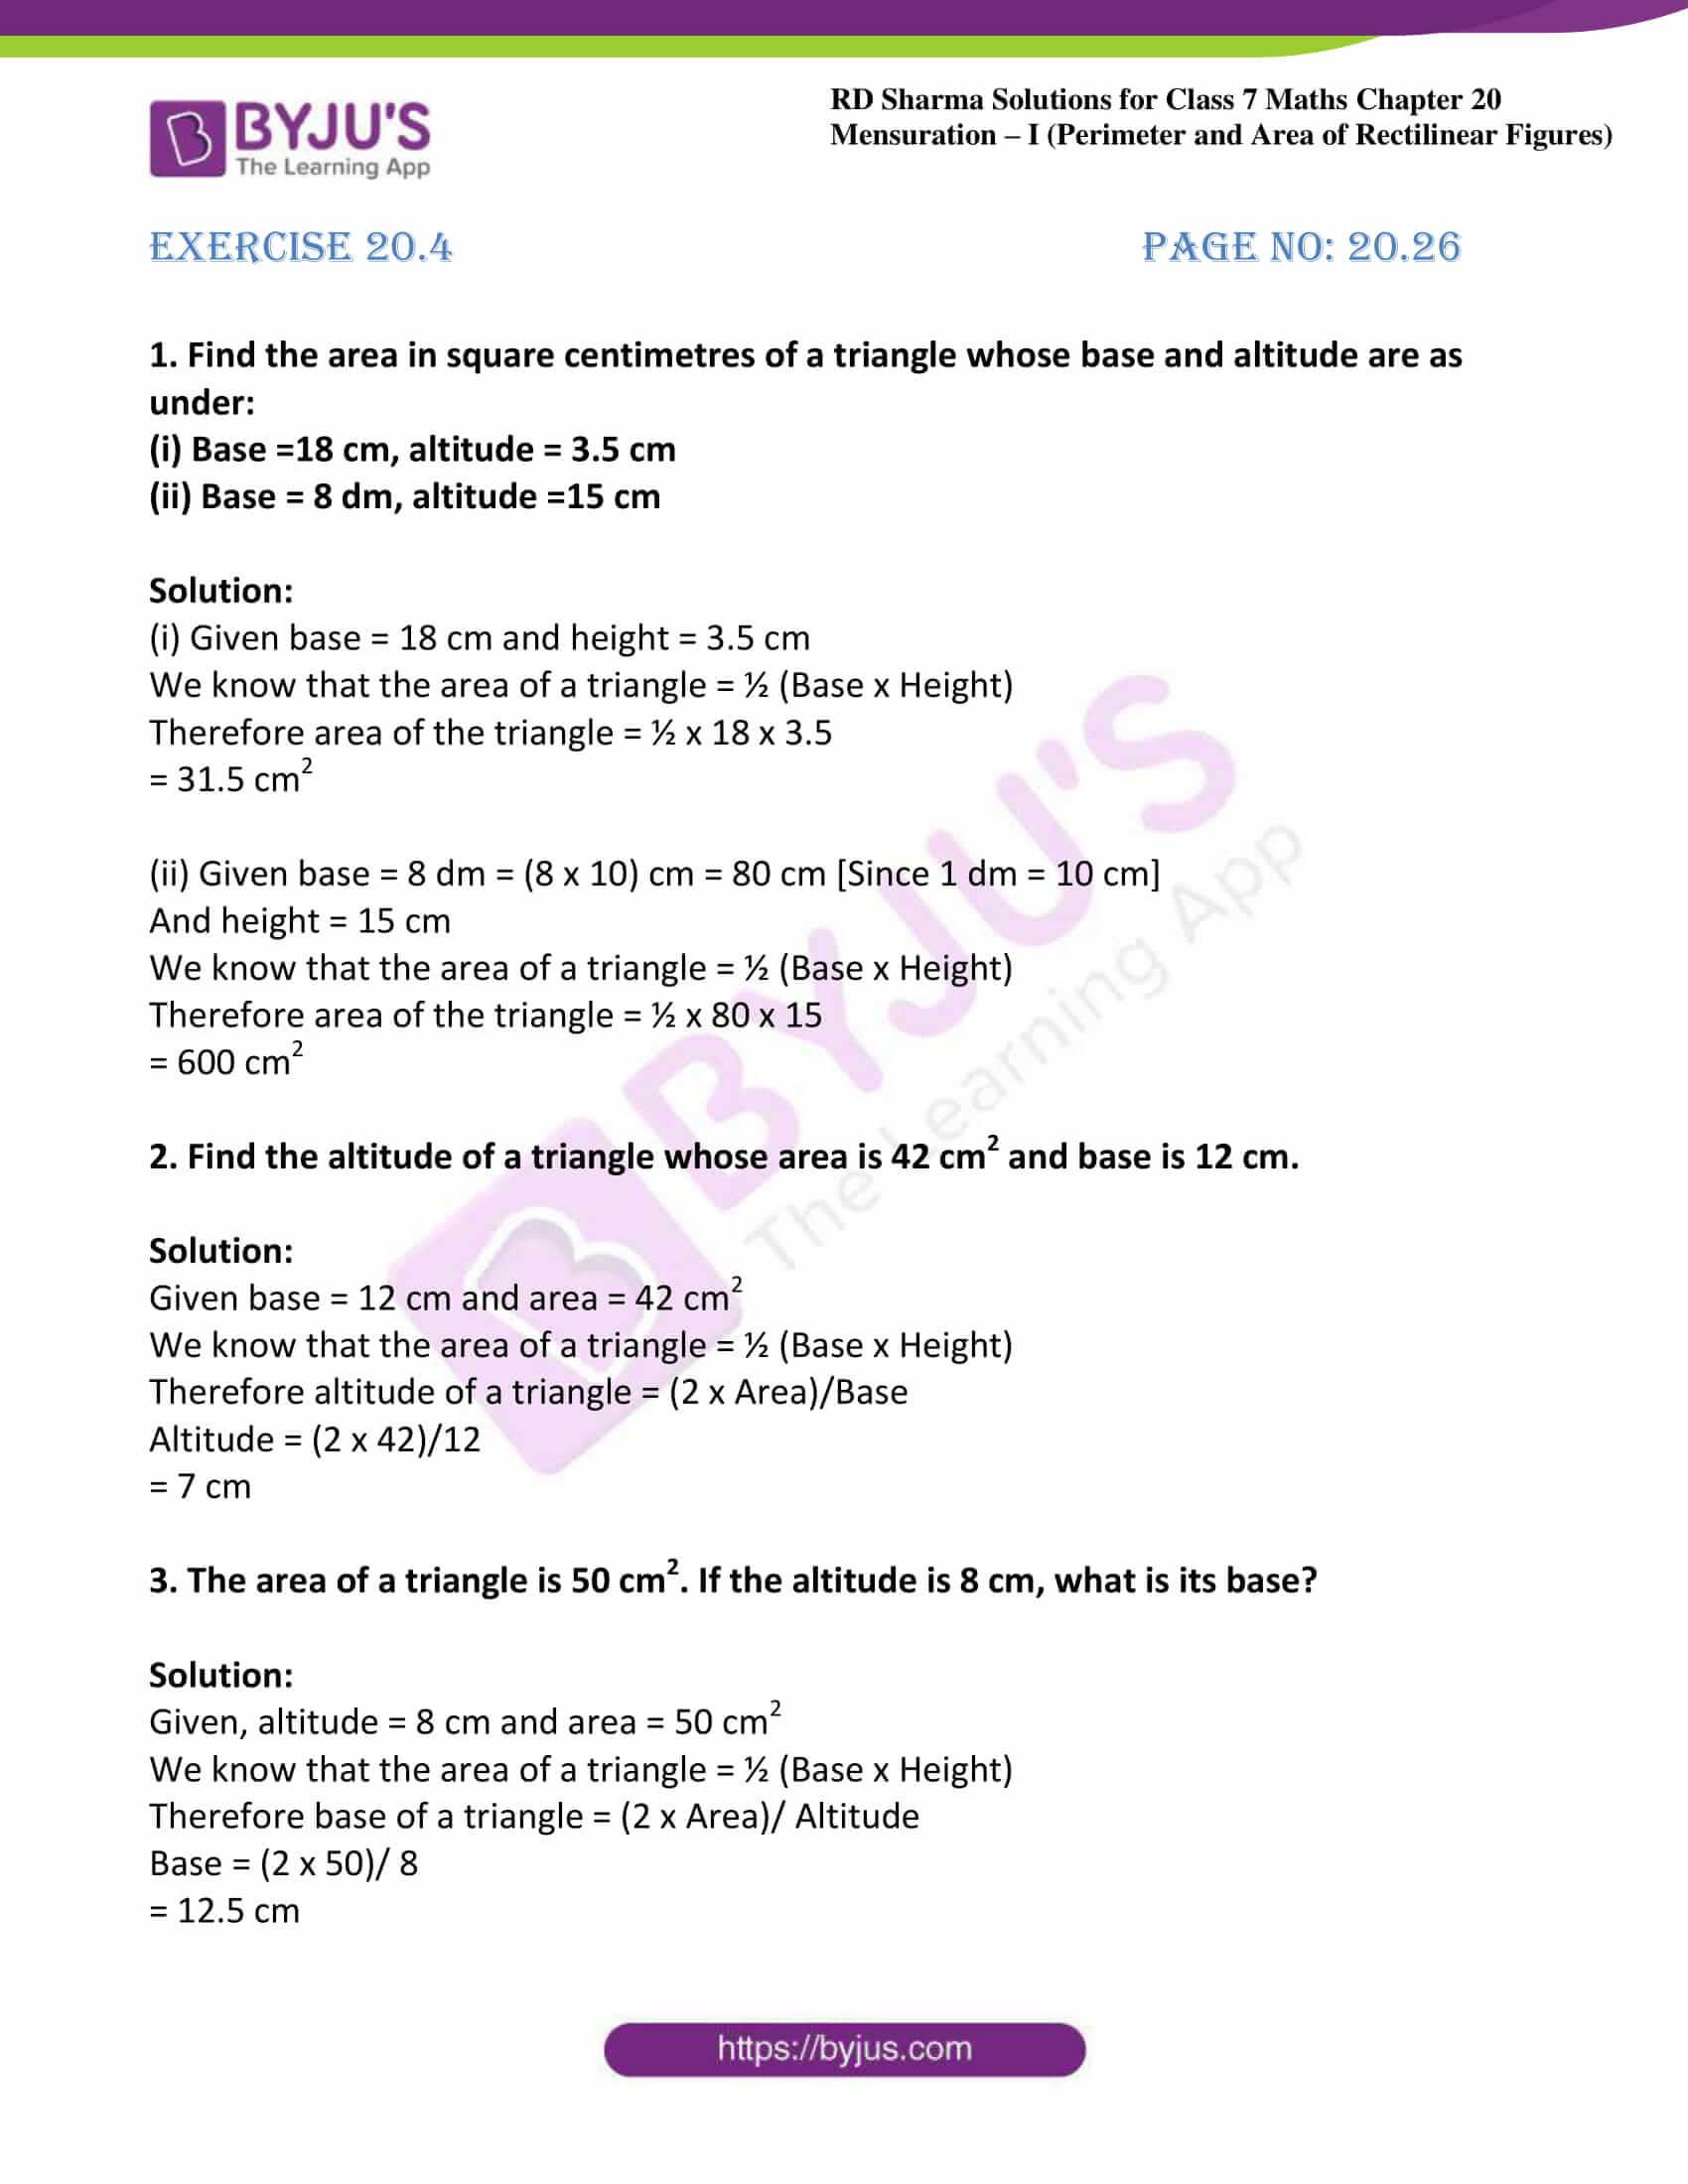 rd sharma maths class7 solution chapter 20 ex 4 01